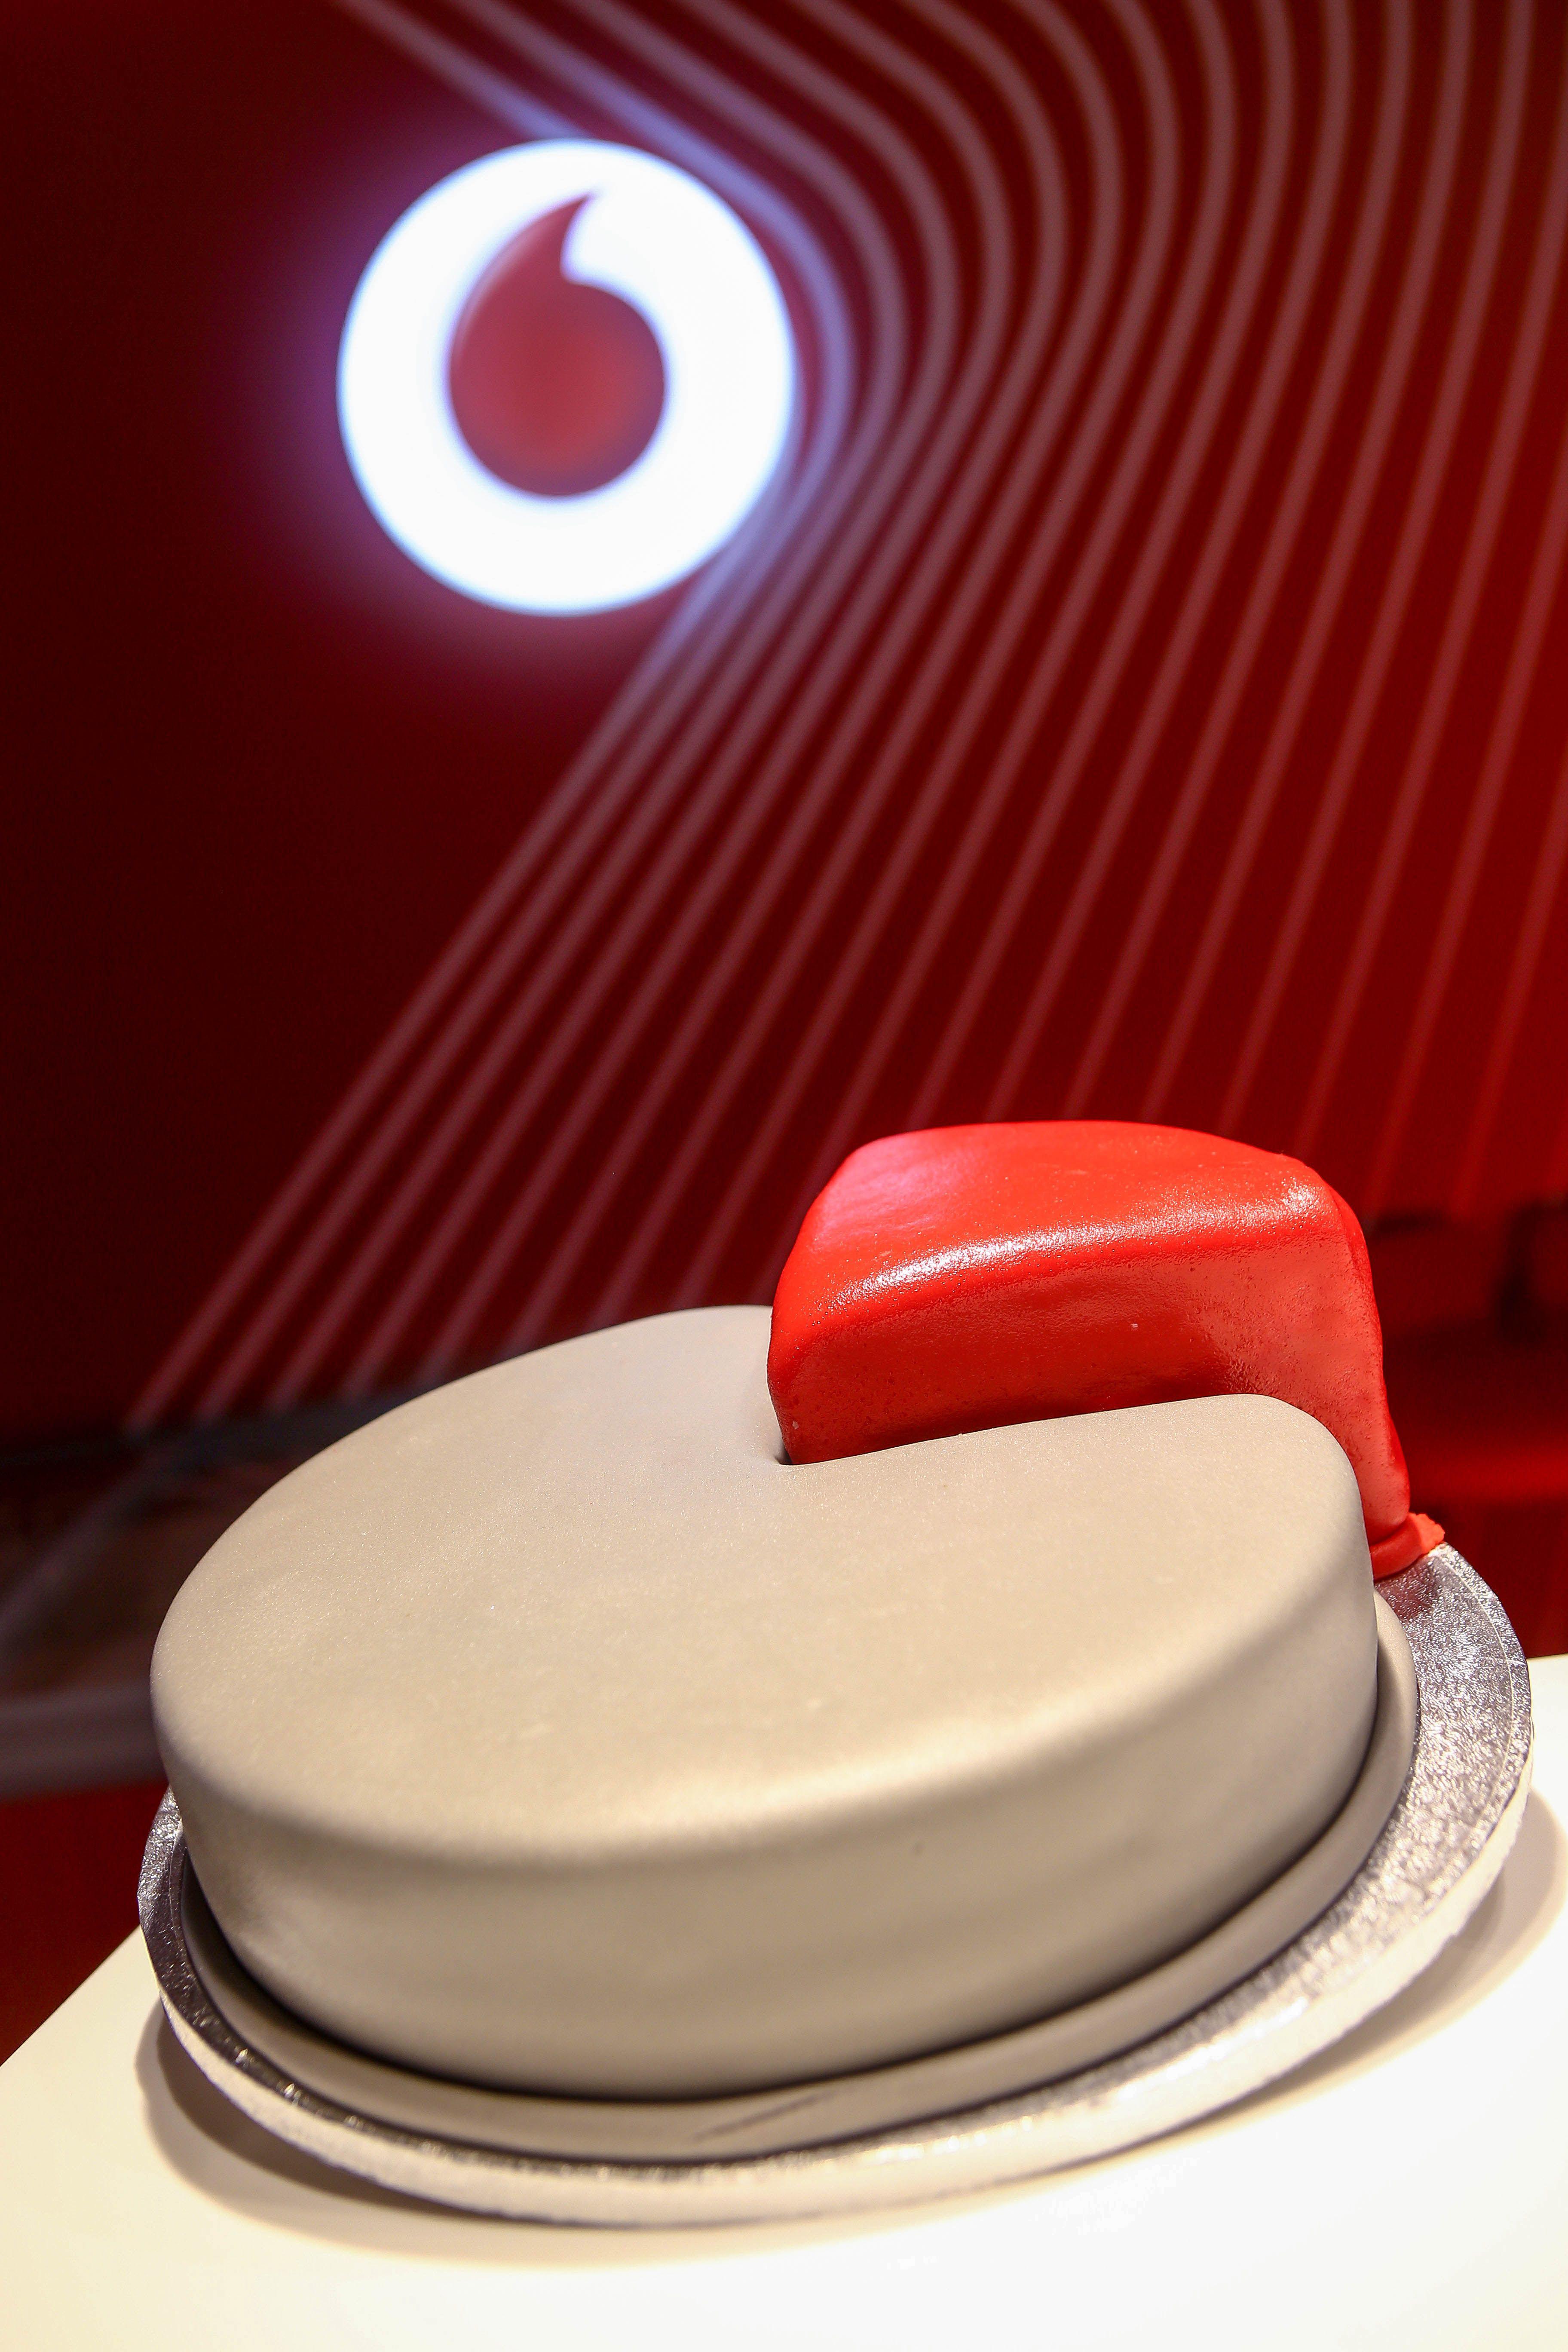 Vodafone_reszt_ker_a_vezetekes_tortabol